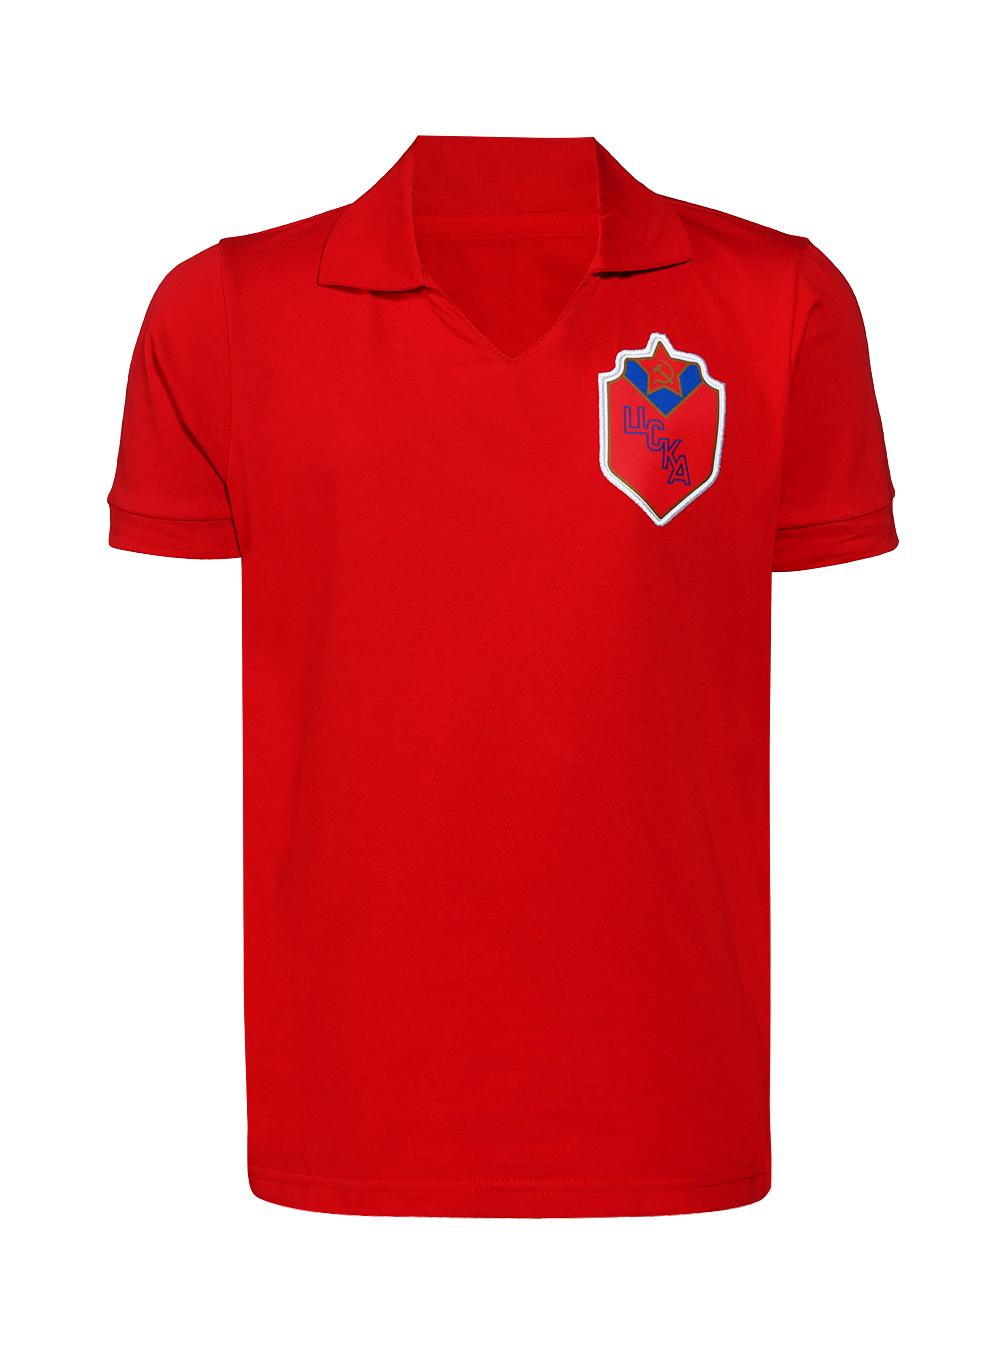 Купить Футболка детская игровая RETRO 1970 (146) по Нижнему Новгороду